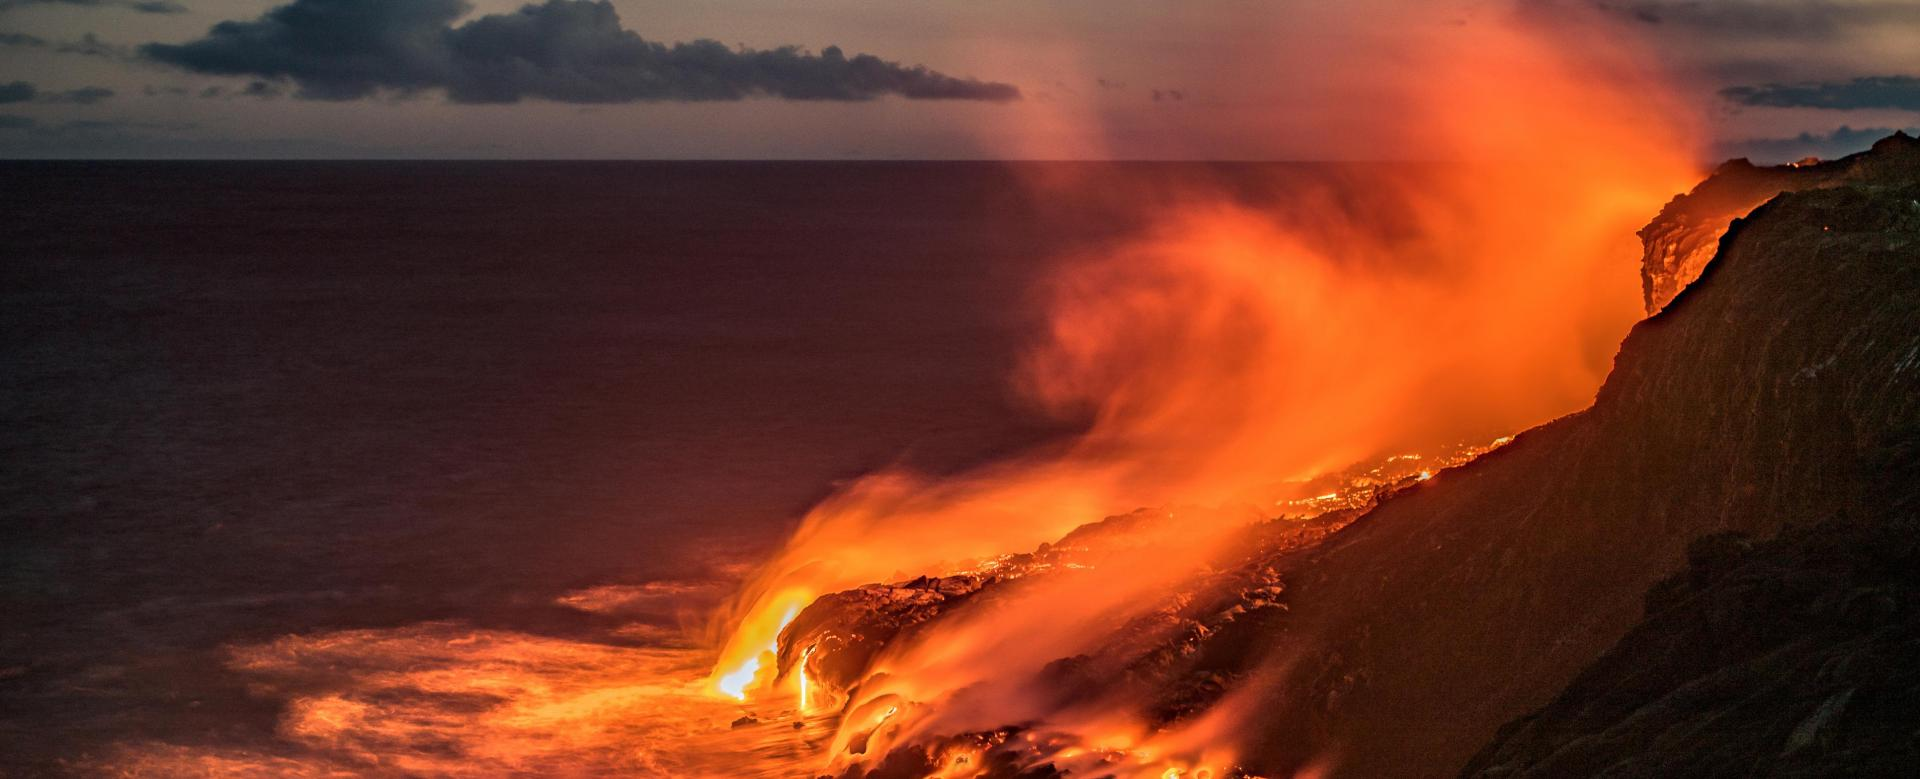 Voyage à pied : Hawaii, les montagnes de feu